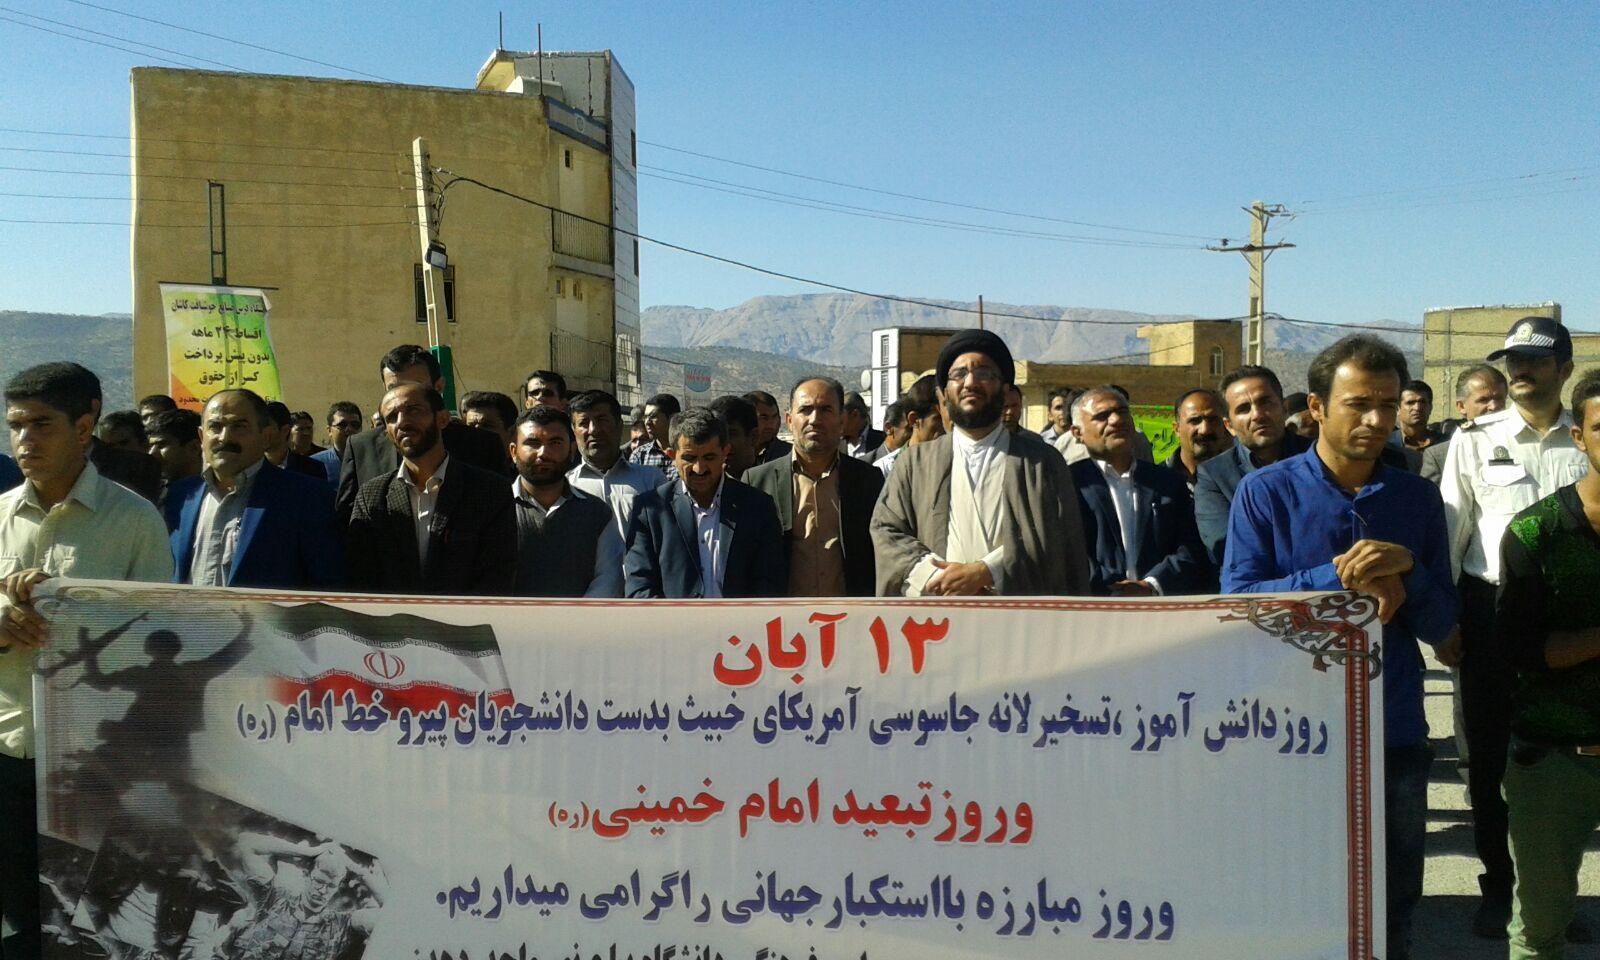 عکس/ راهپیمایی مردم دهدز در روز سیزده آبان